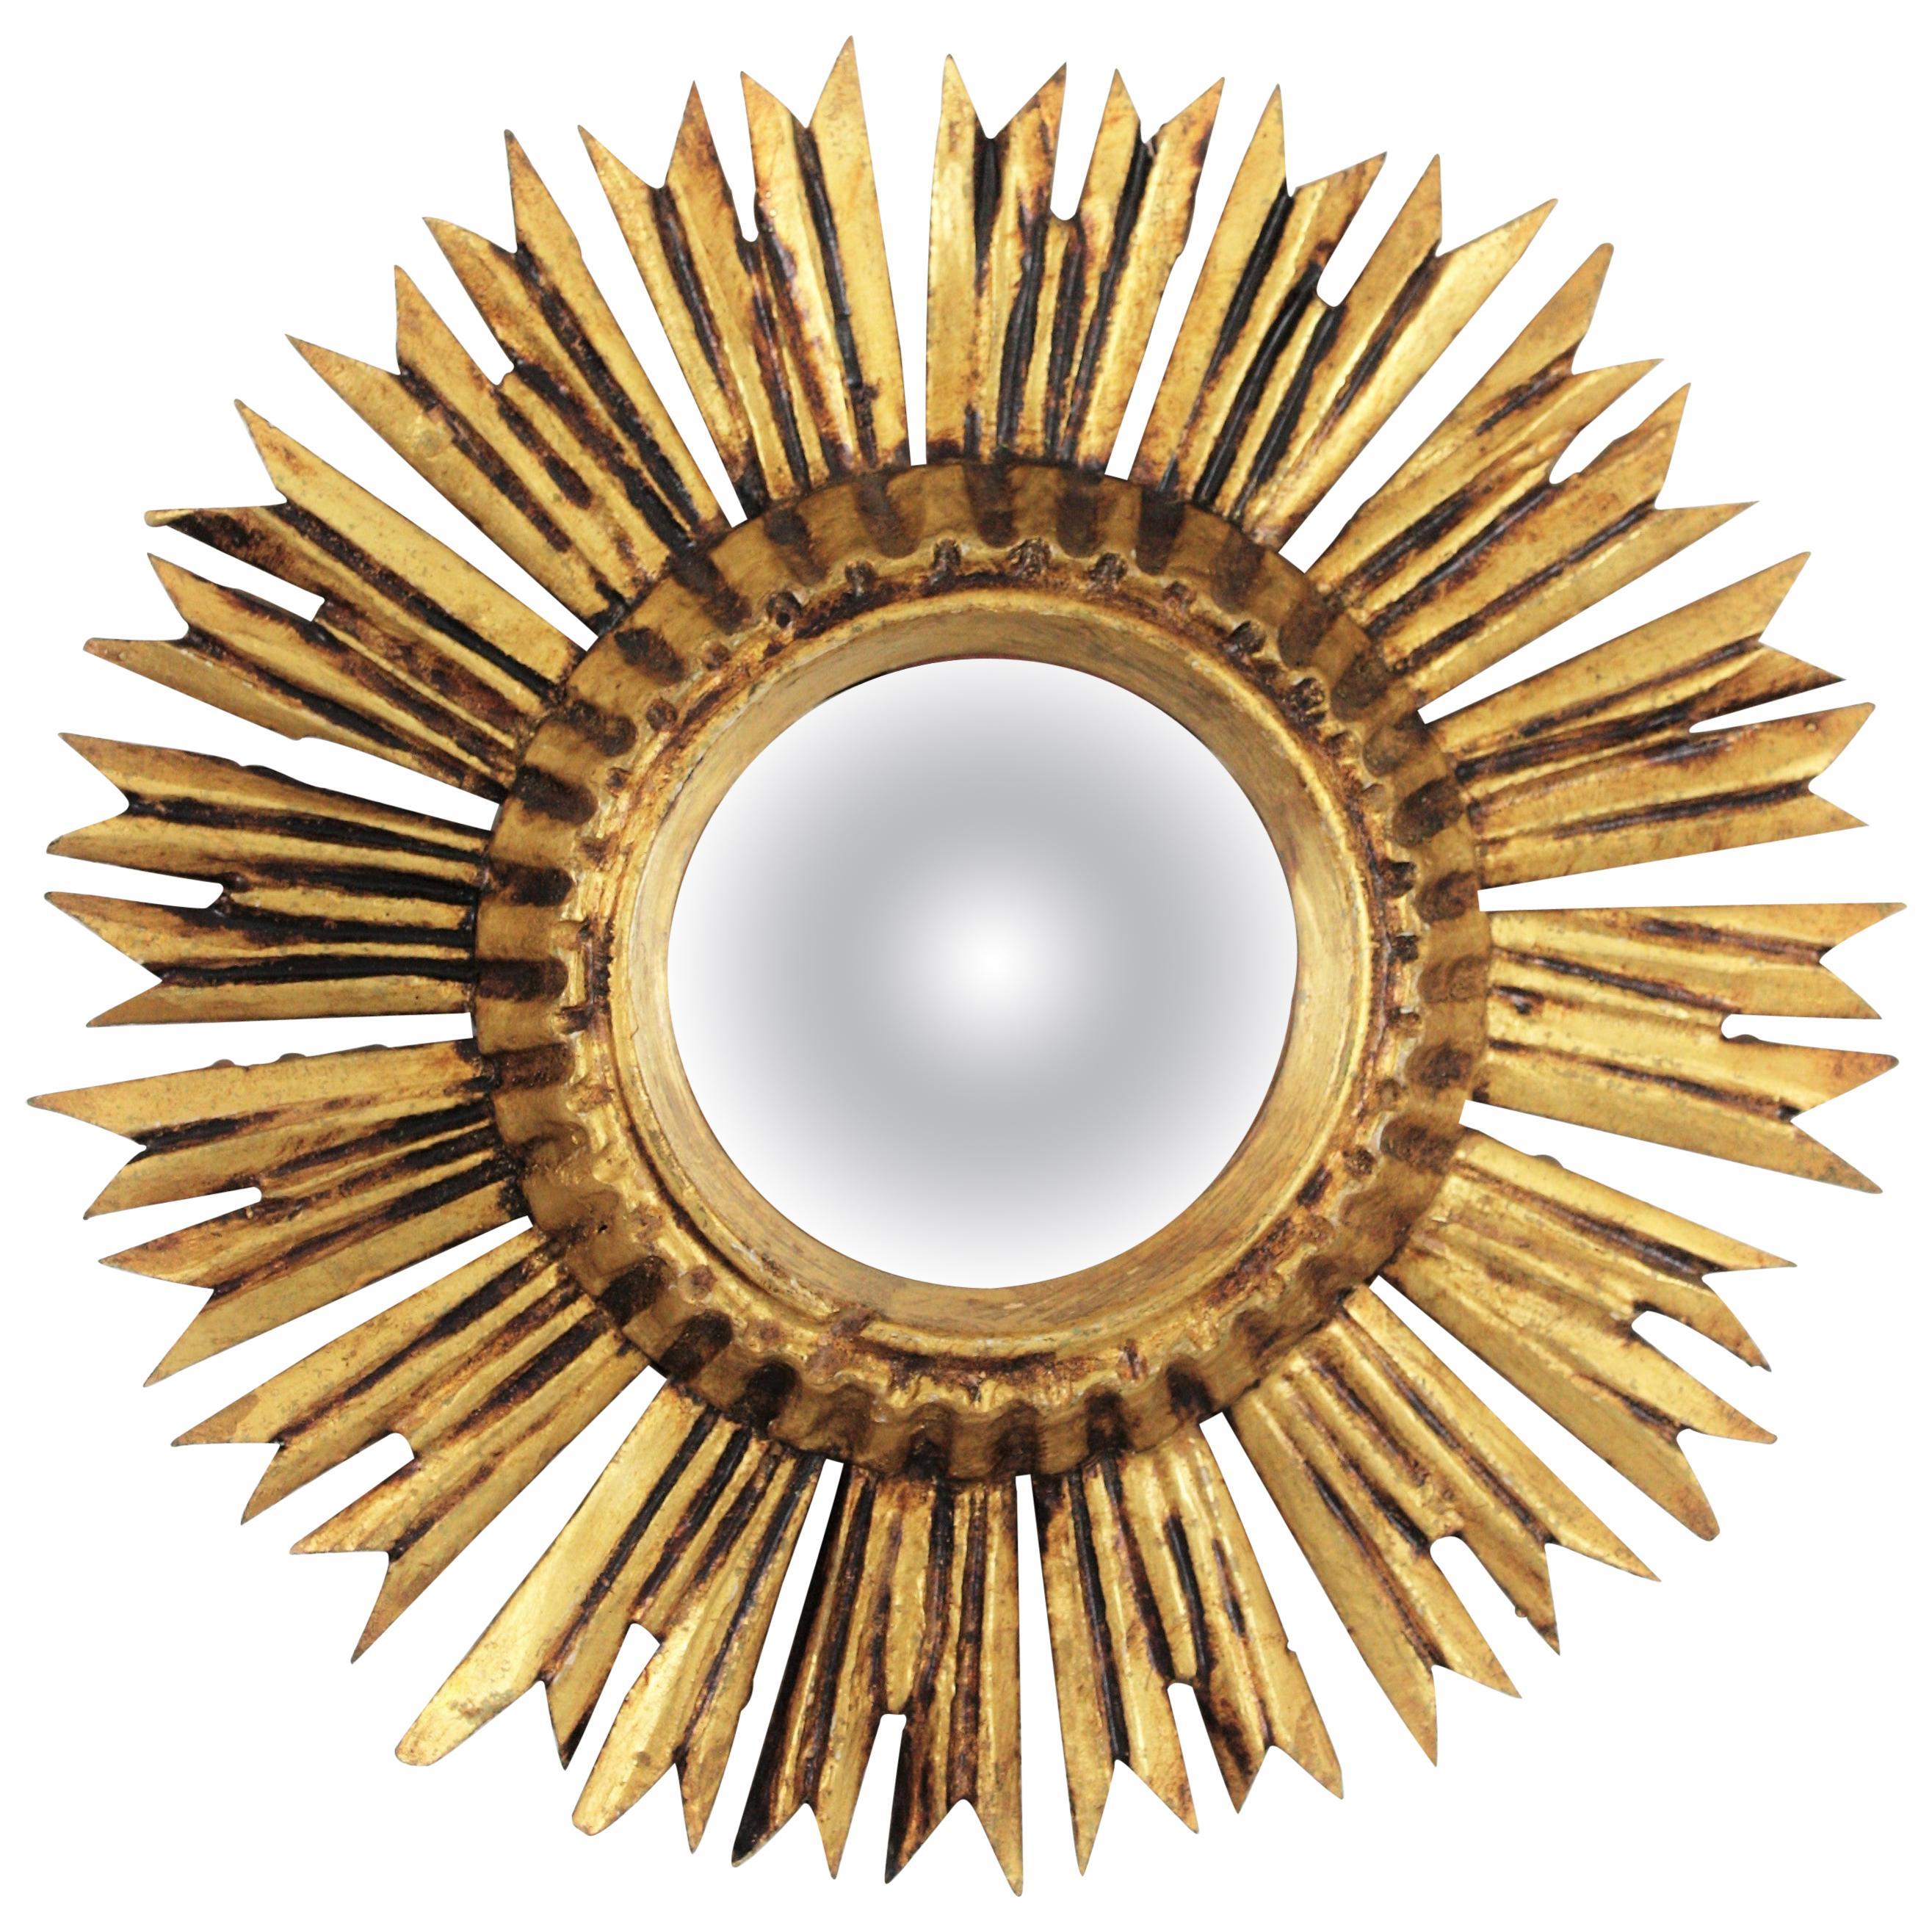 Sunburst Convex Mirror in Giltwood